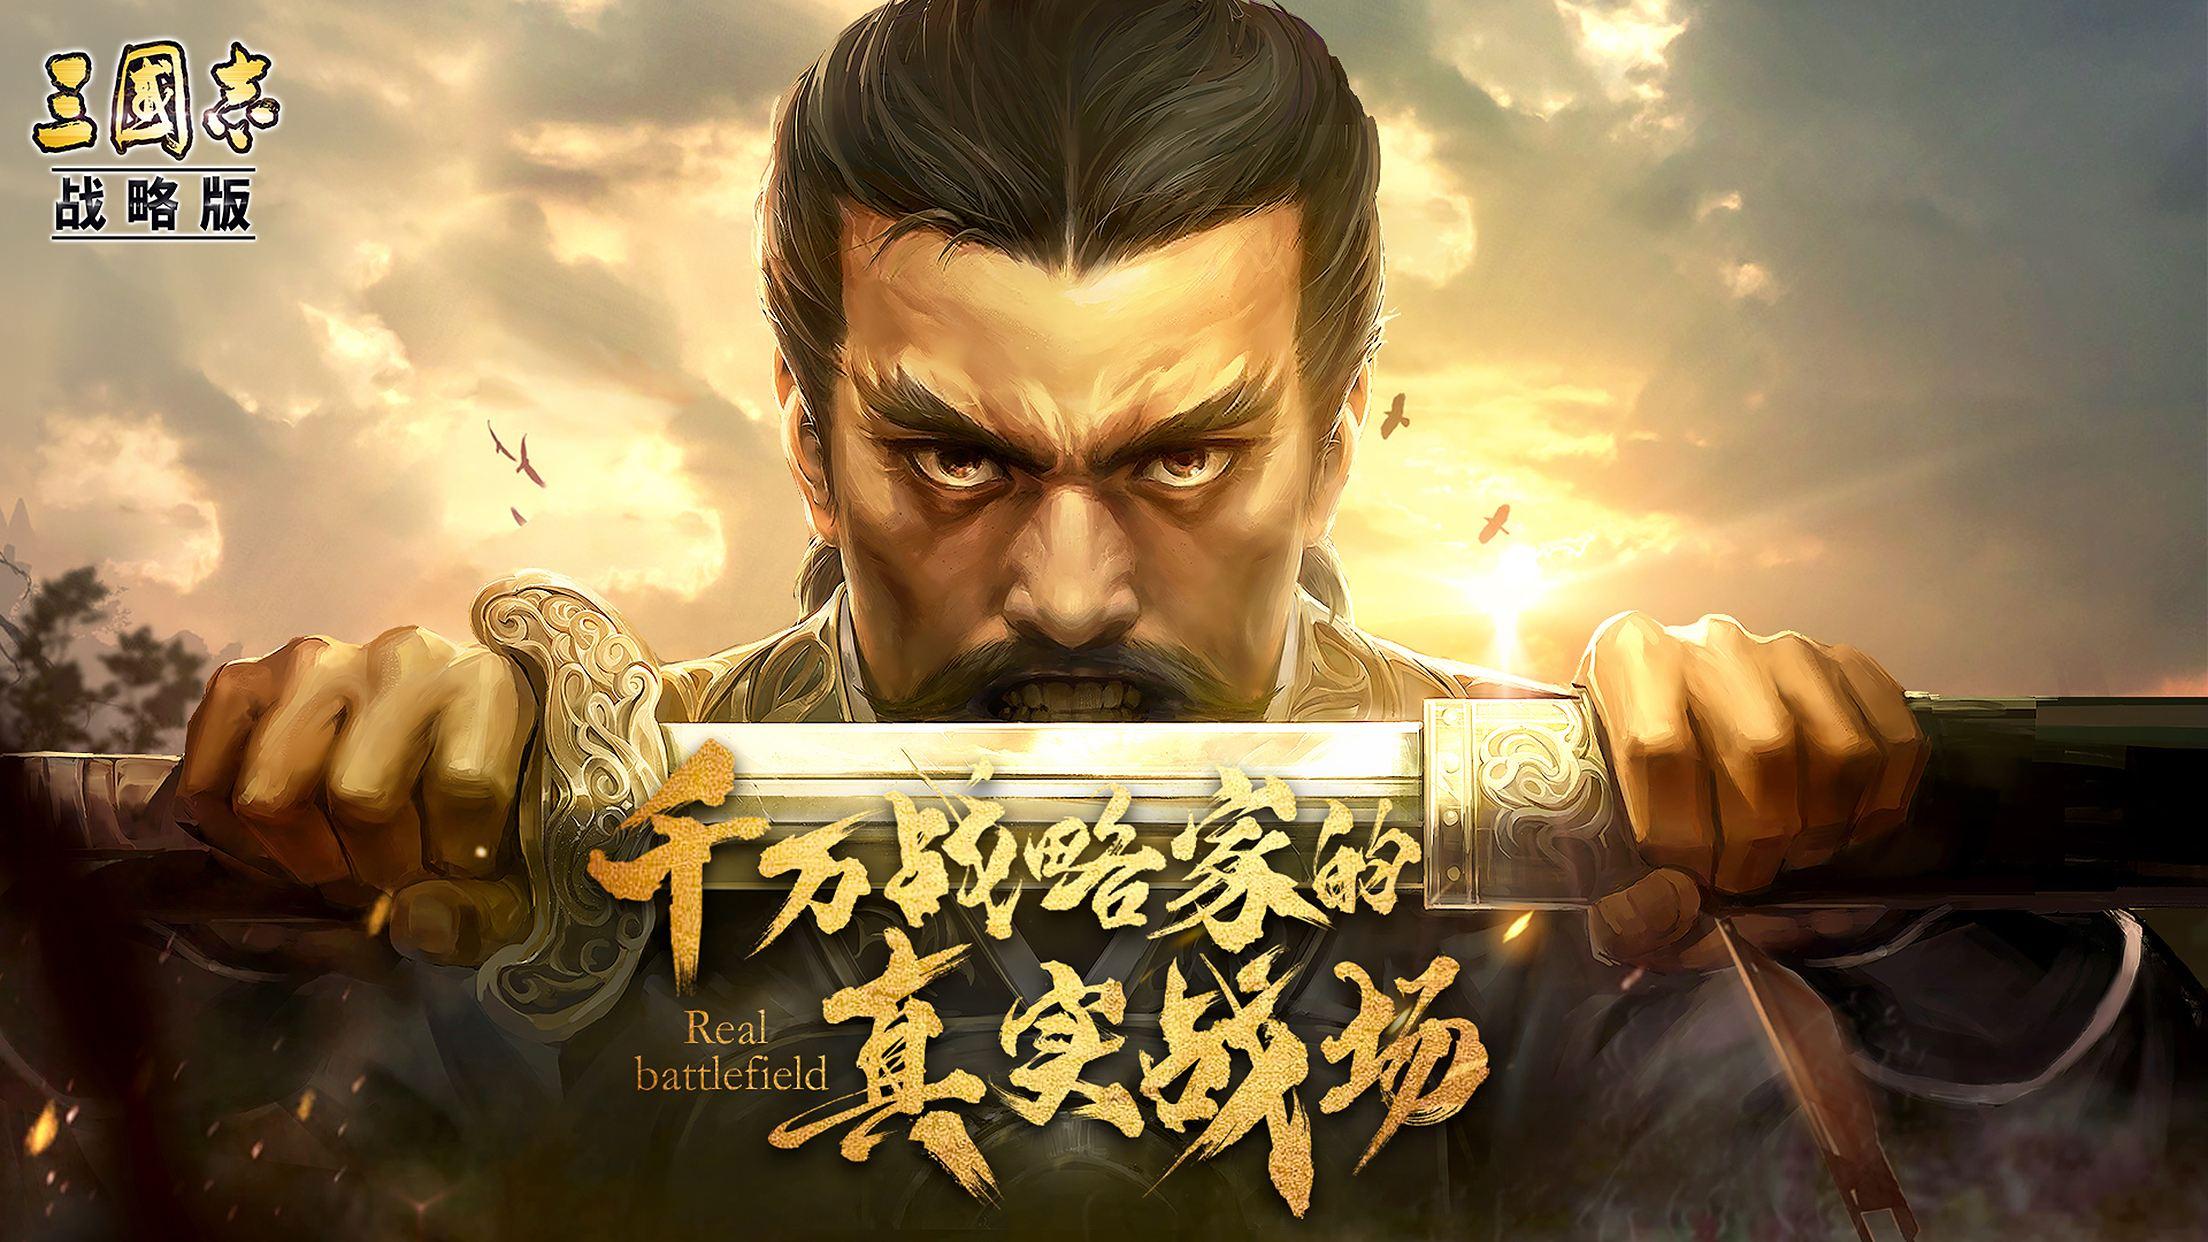 《三国志·战略版》连续3月蝉联投放榜首